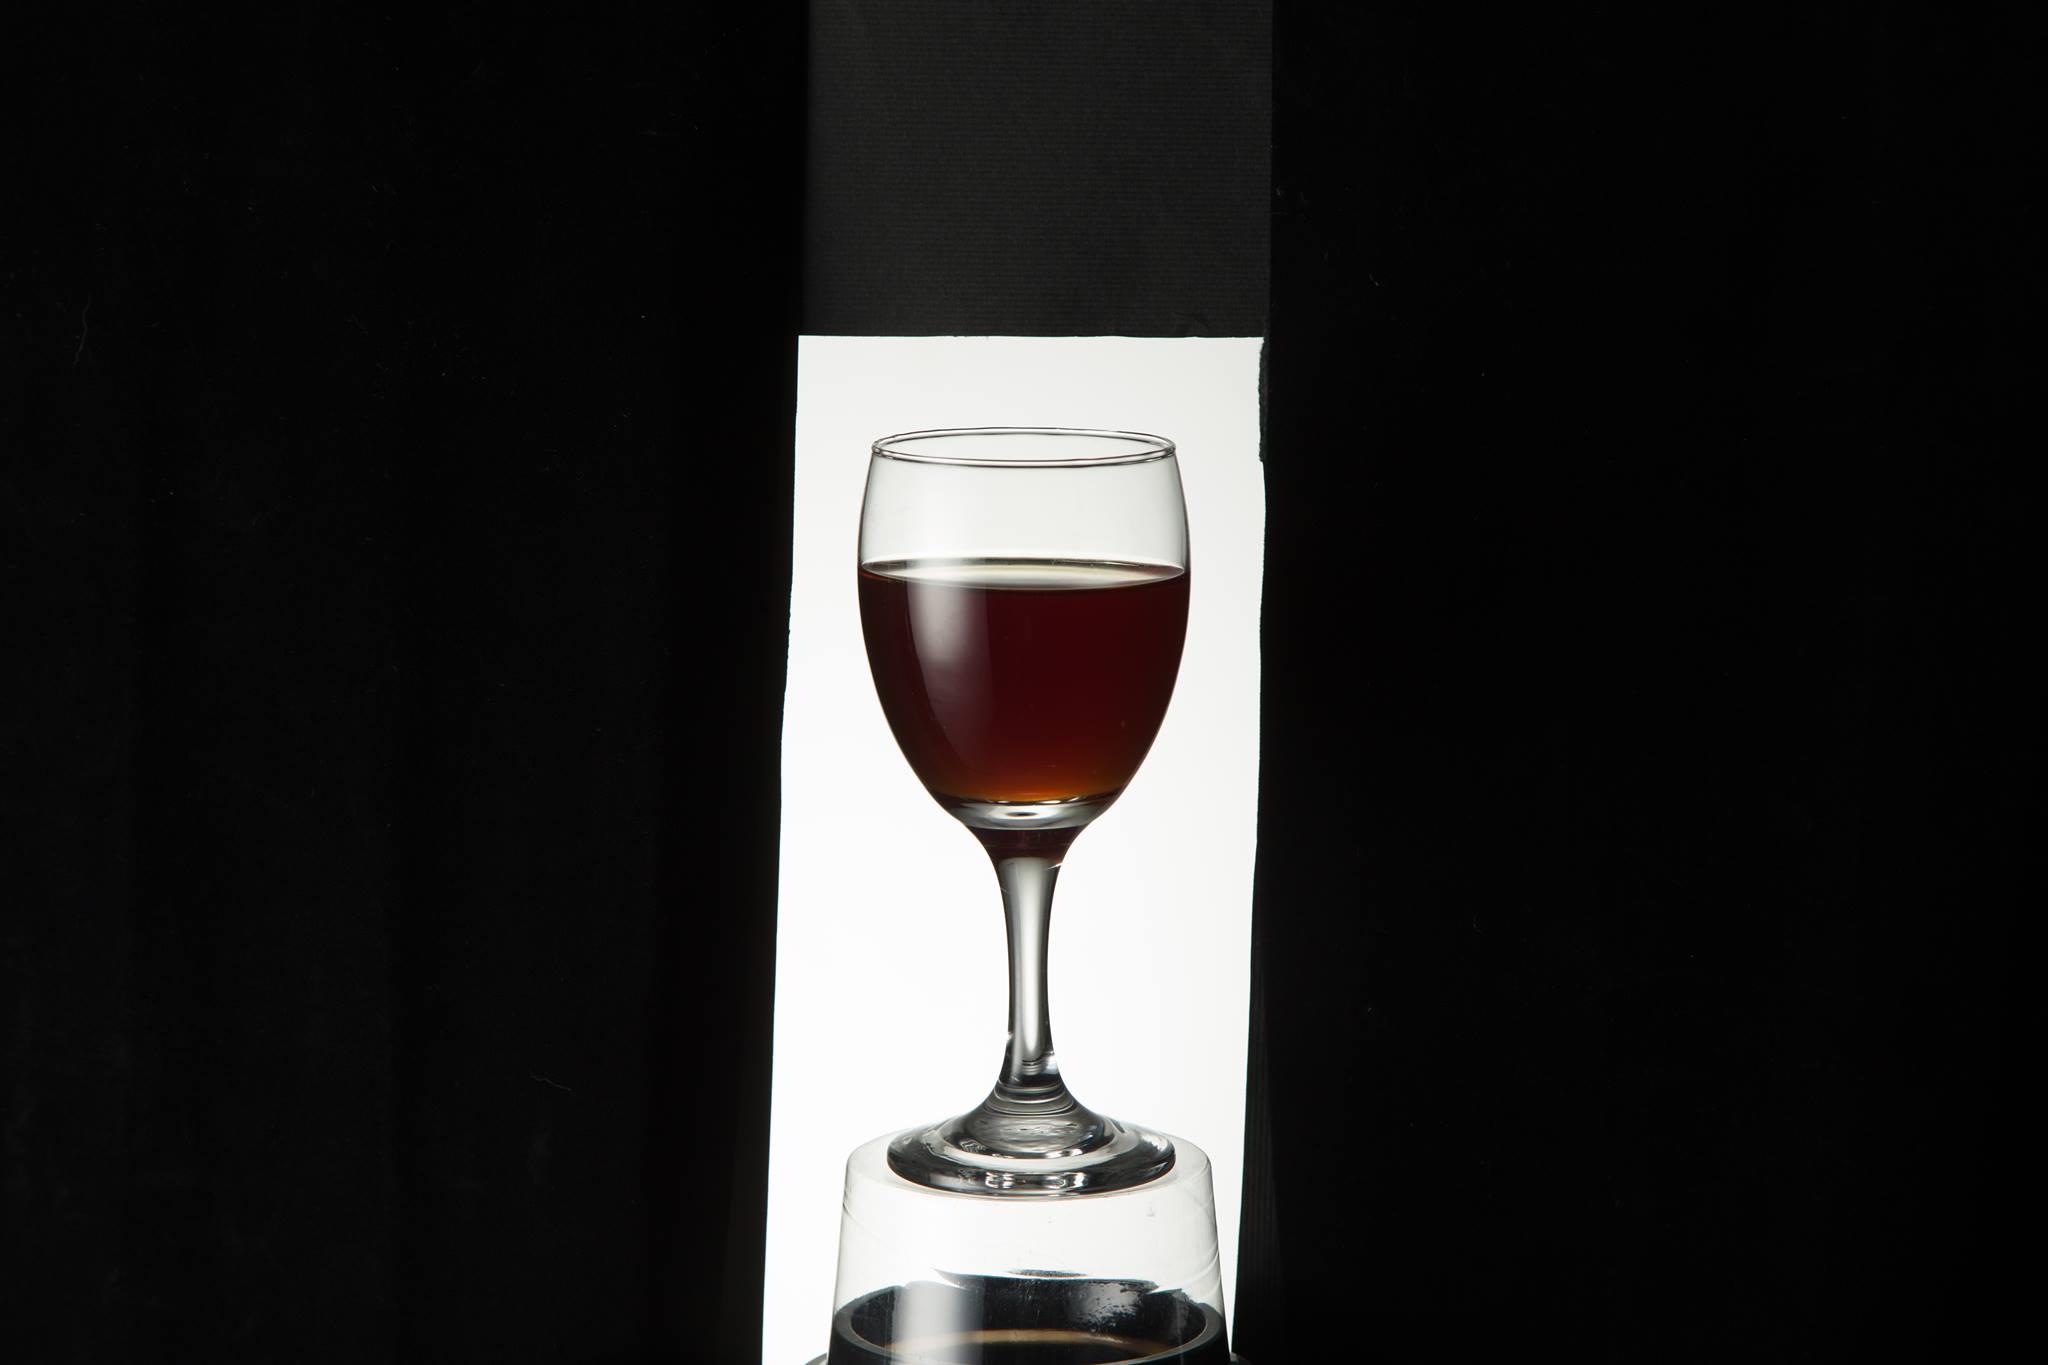 商业摄影布光教程 玻璃杯的拍摄 / 玻璃杯拍摄